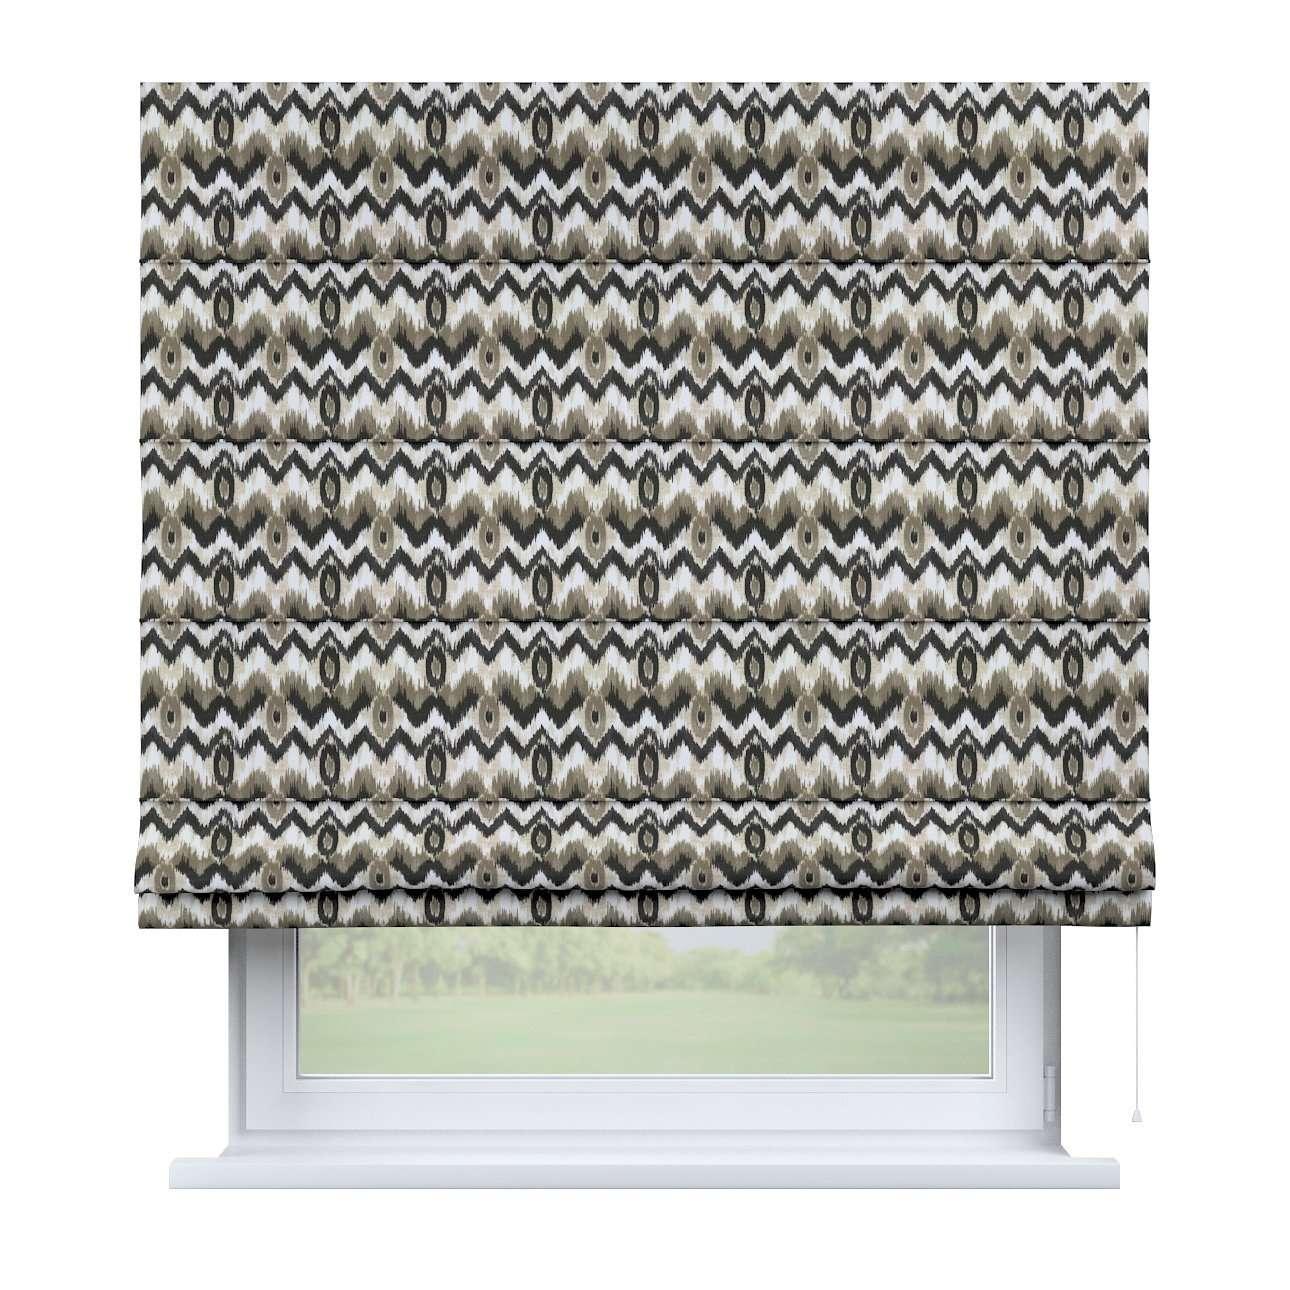 Raffrollo Capri von der Kollektion Modern, Stoff: 141-88